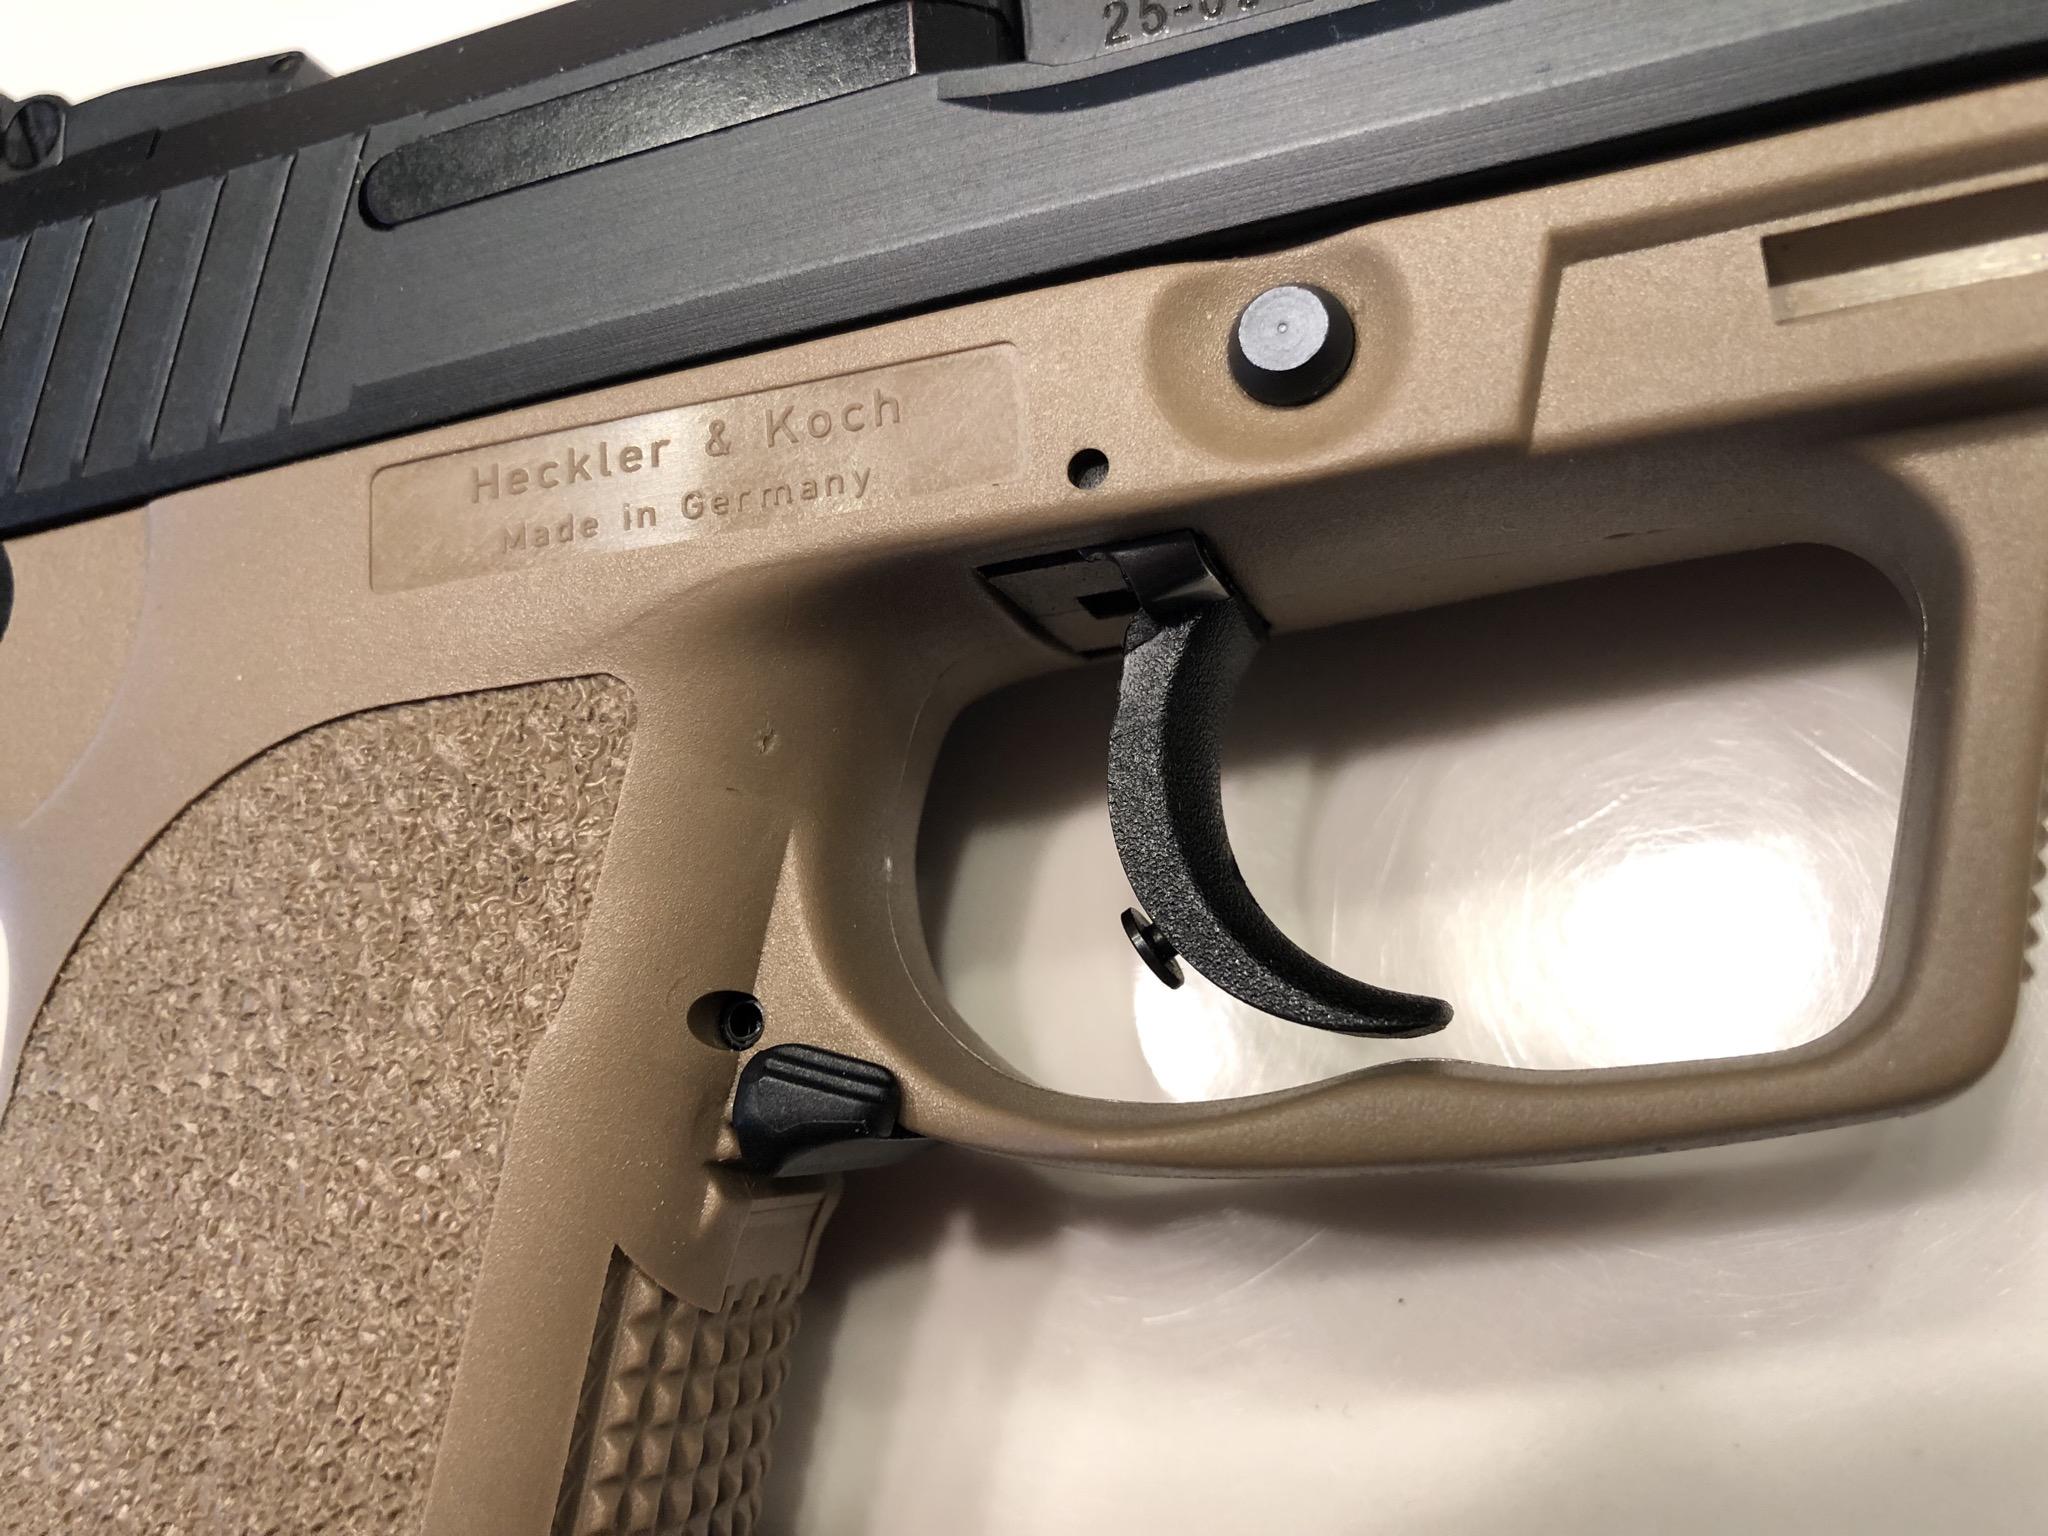 SOLD: HK USP .45 Tan Tactical (FDE)-25ae6e52-1aeb-48eb-a880-c93314ca5346.jpeg